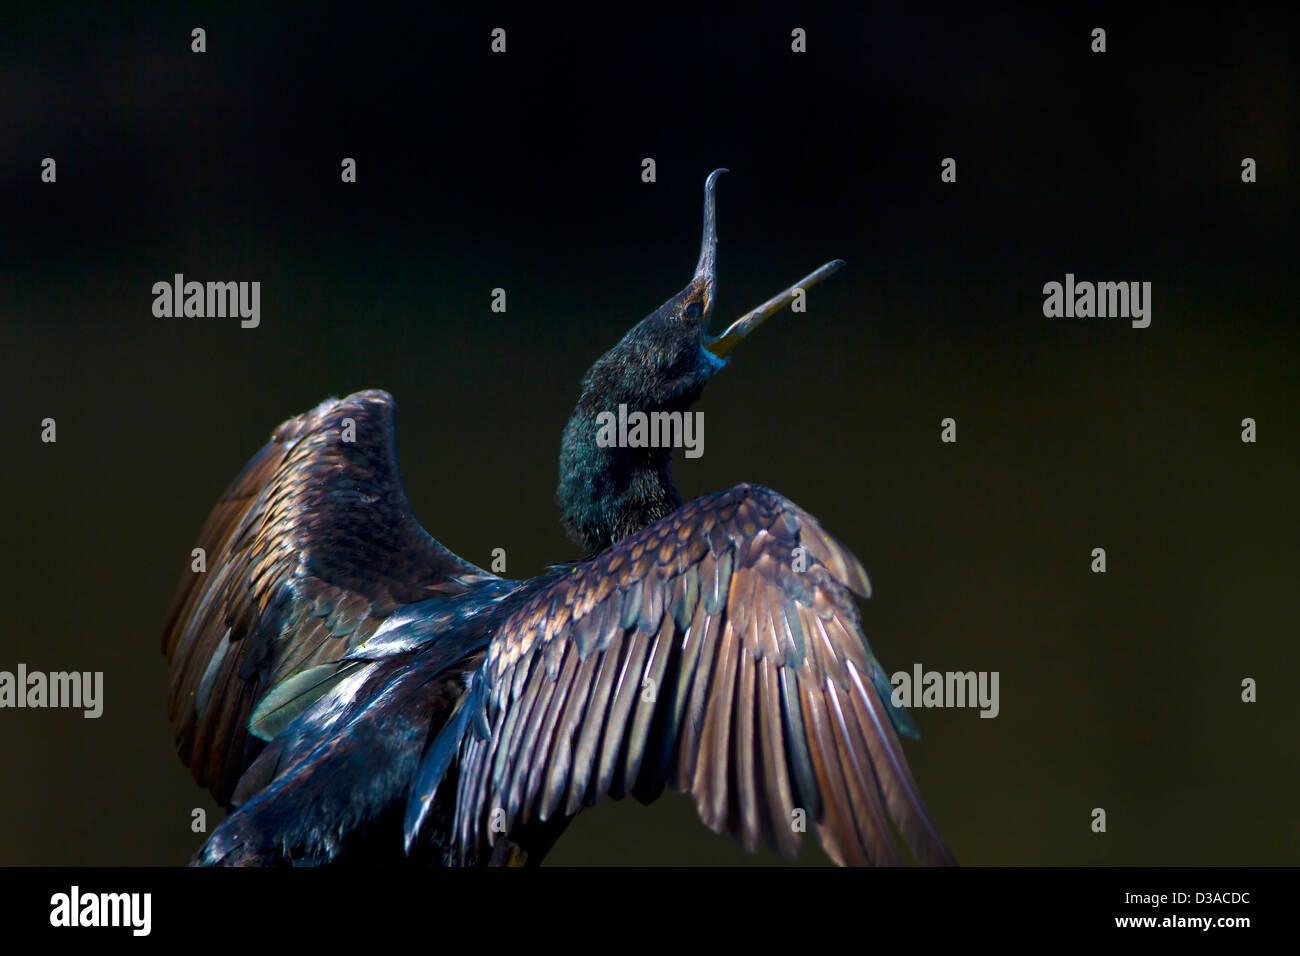 Little cormorant drying its wings  Little cormorant drying its wings - Stock Image